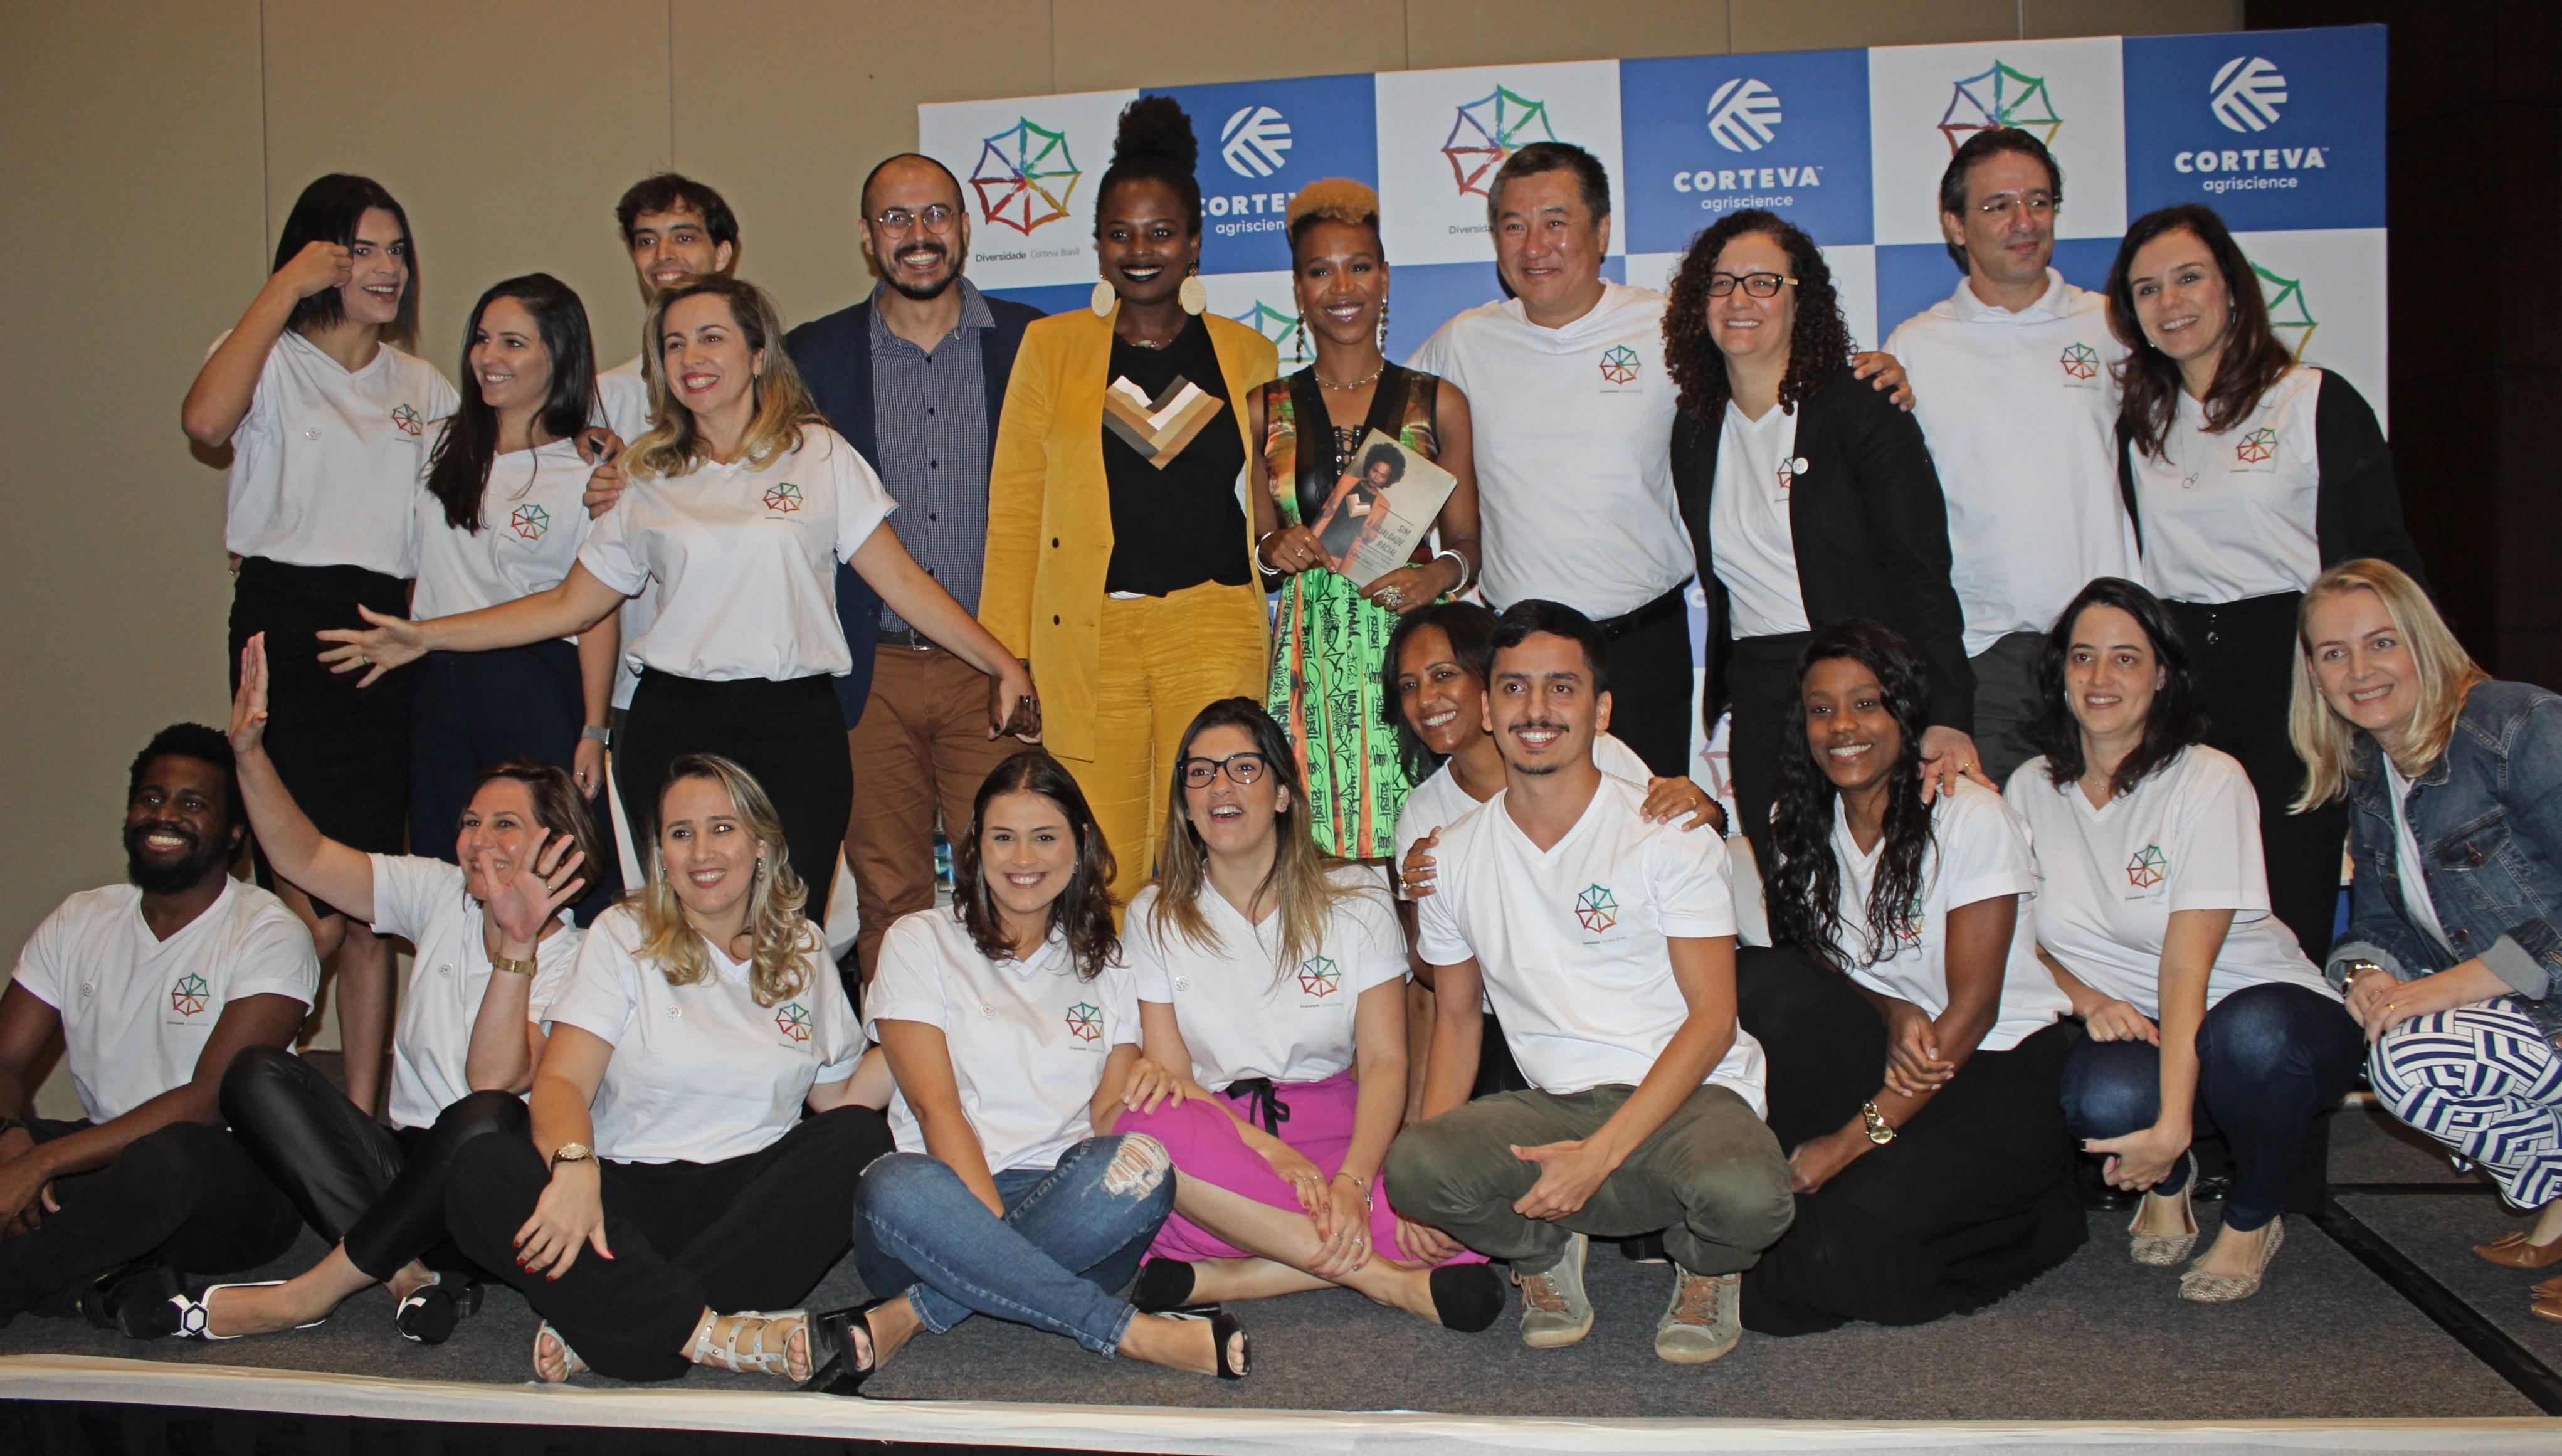 A cantora e apresentadora Karol Conka com participantes do evento sobre diversidade da Corteva (Foto: Divulgação)